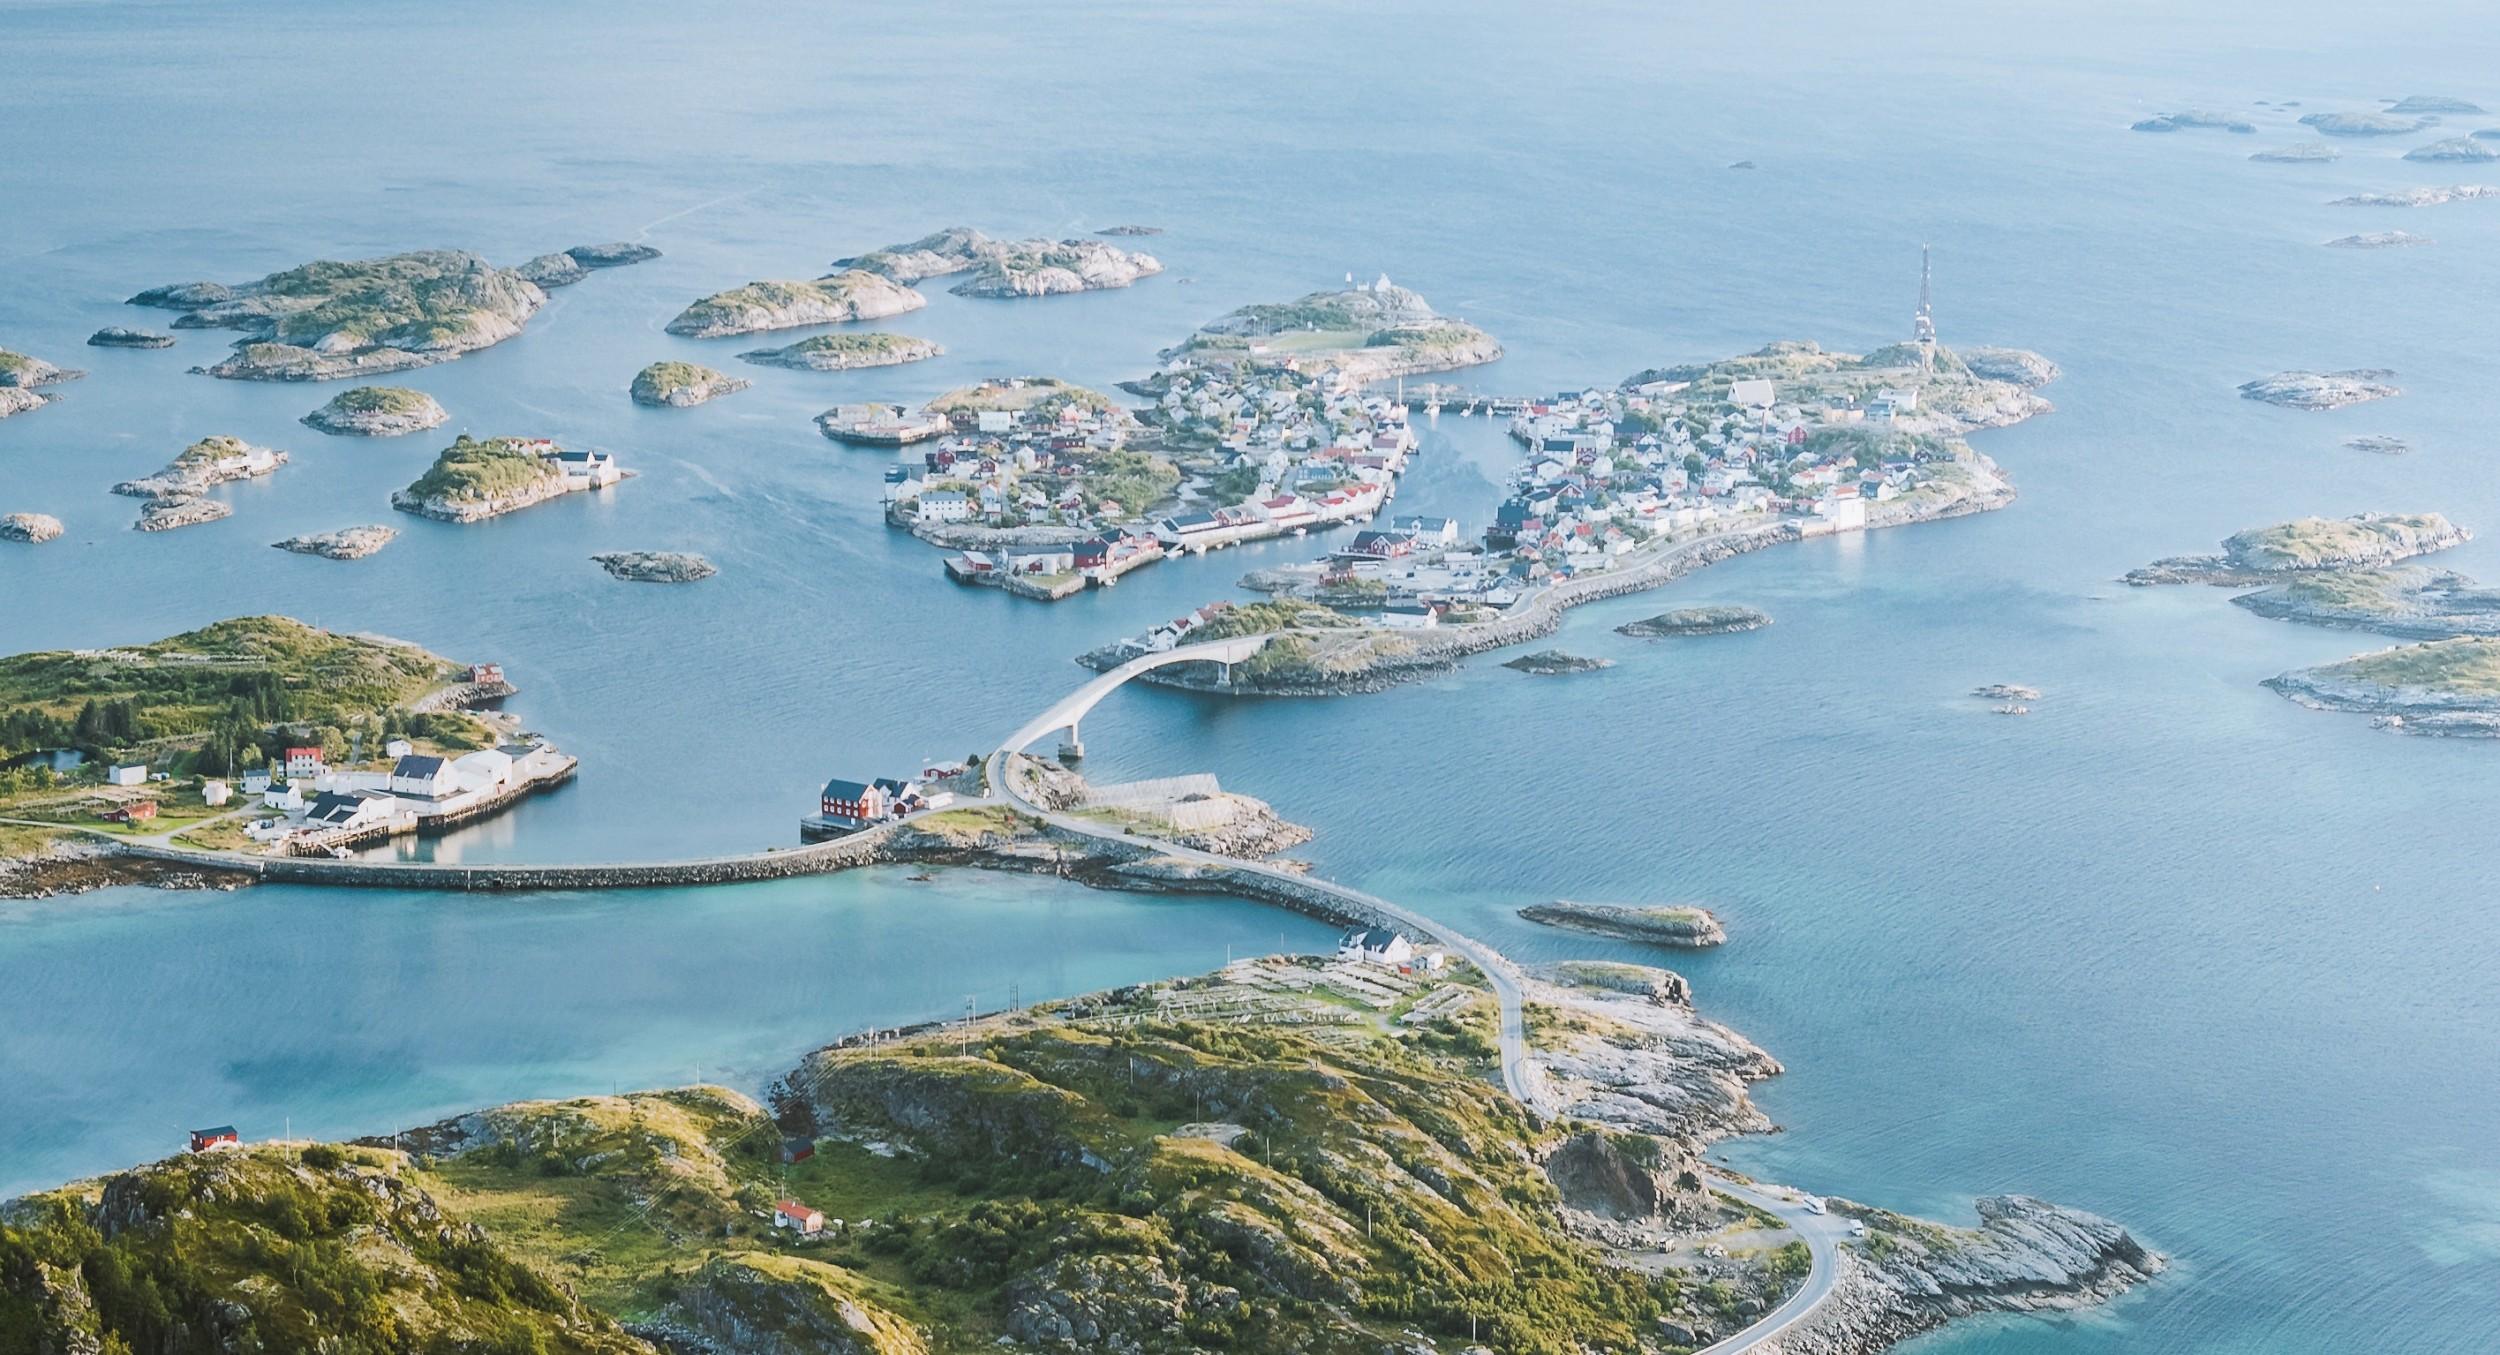 aerial-shot-bird-s-eye-view-city-1680381_看图王.jpg